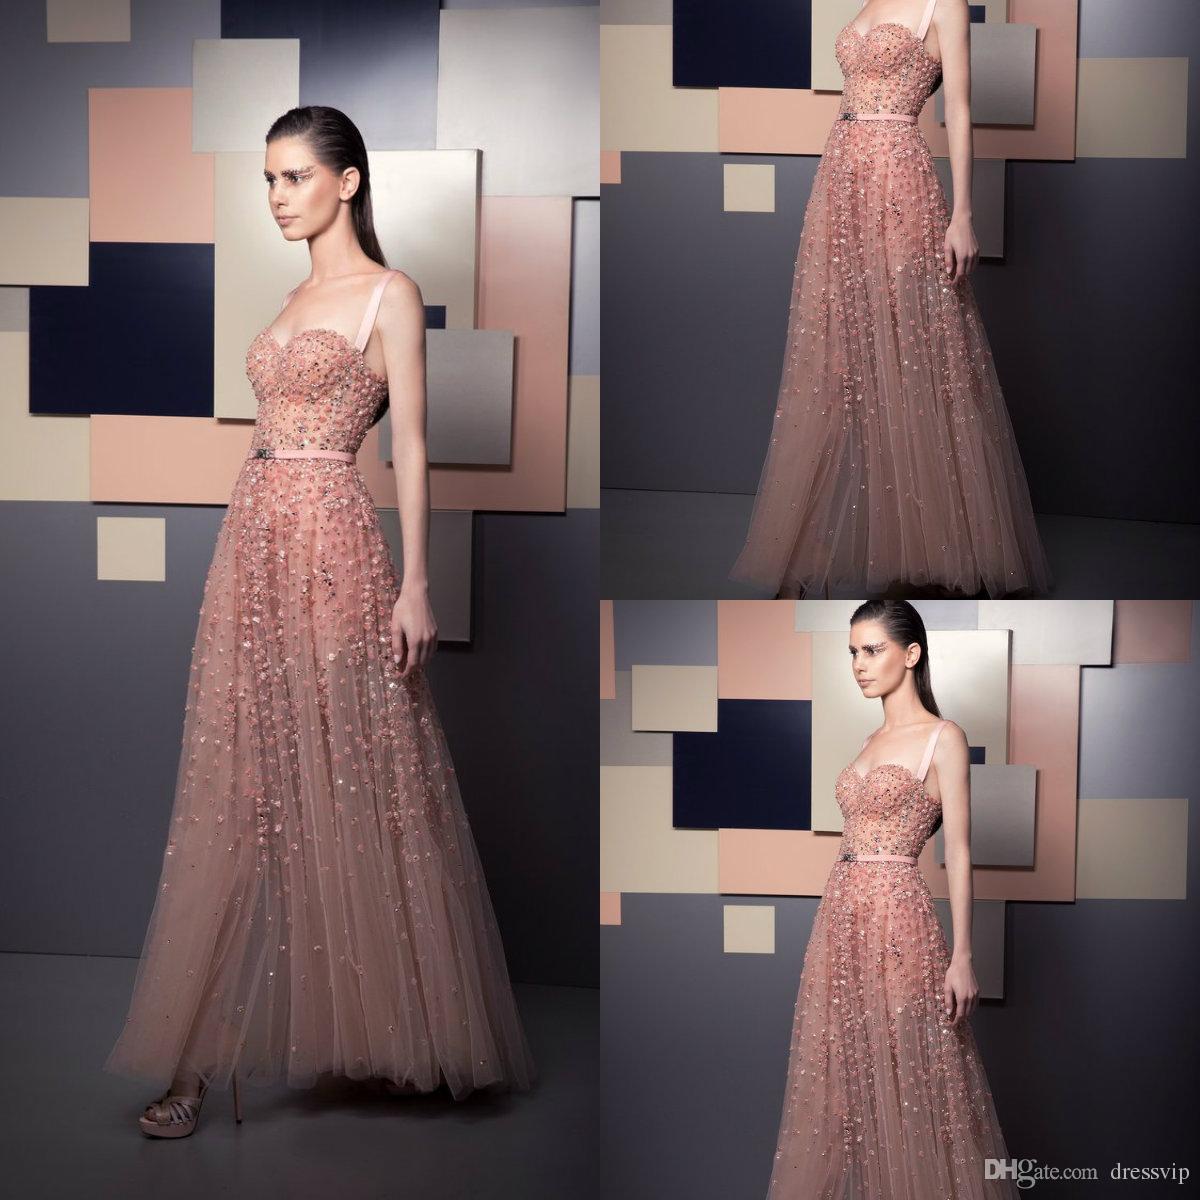 2019 Ziad Nakad Prom Dresses rosa Pizzo Pizzo 3D Appliques floreali Perle Caviglia Lunghezza Abito da sera Illusion Corpetto Abiti da festa formale